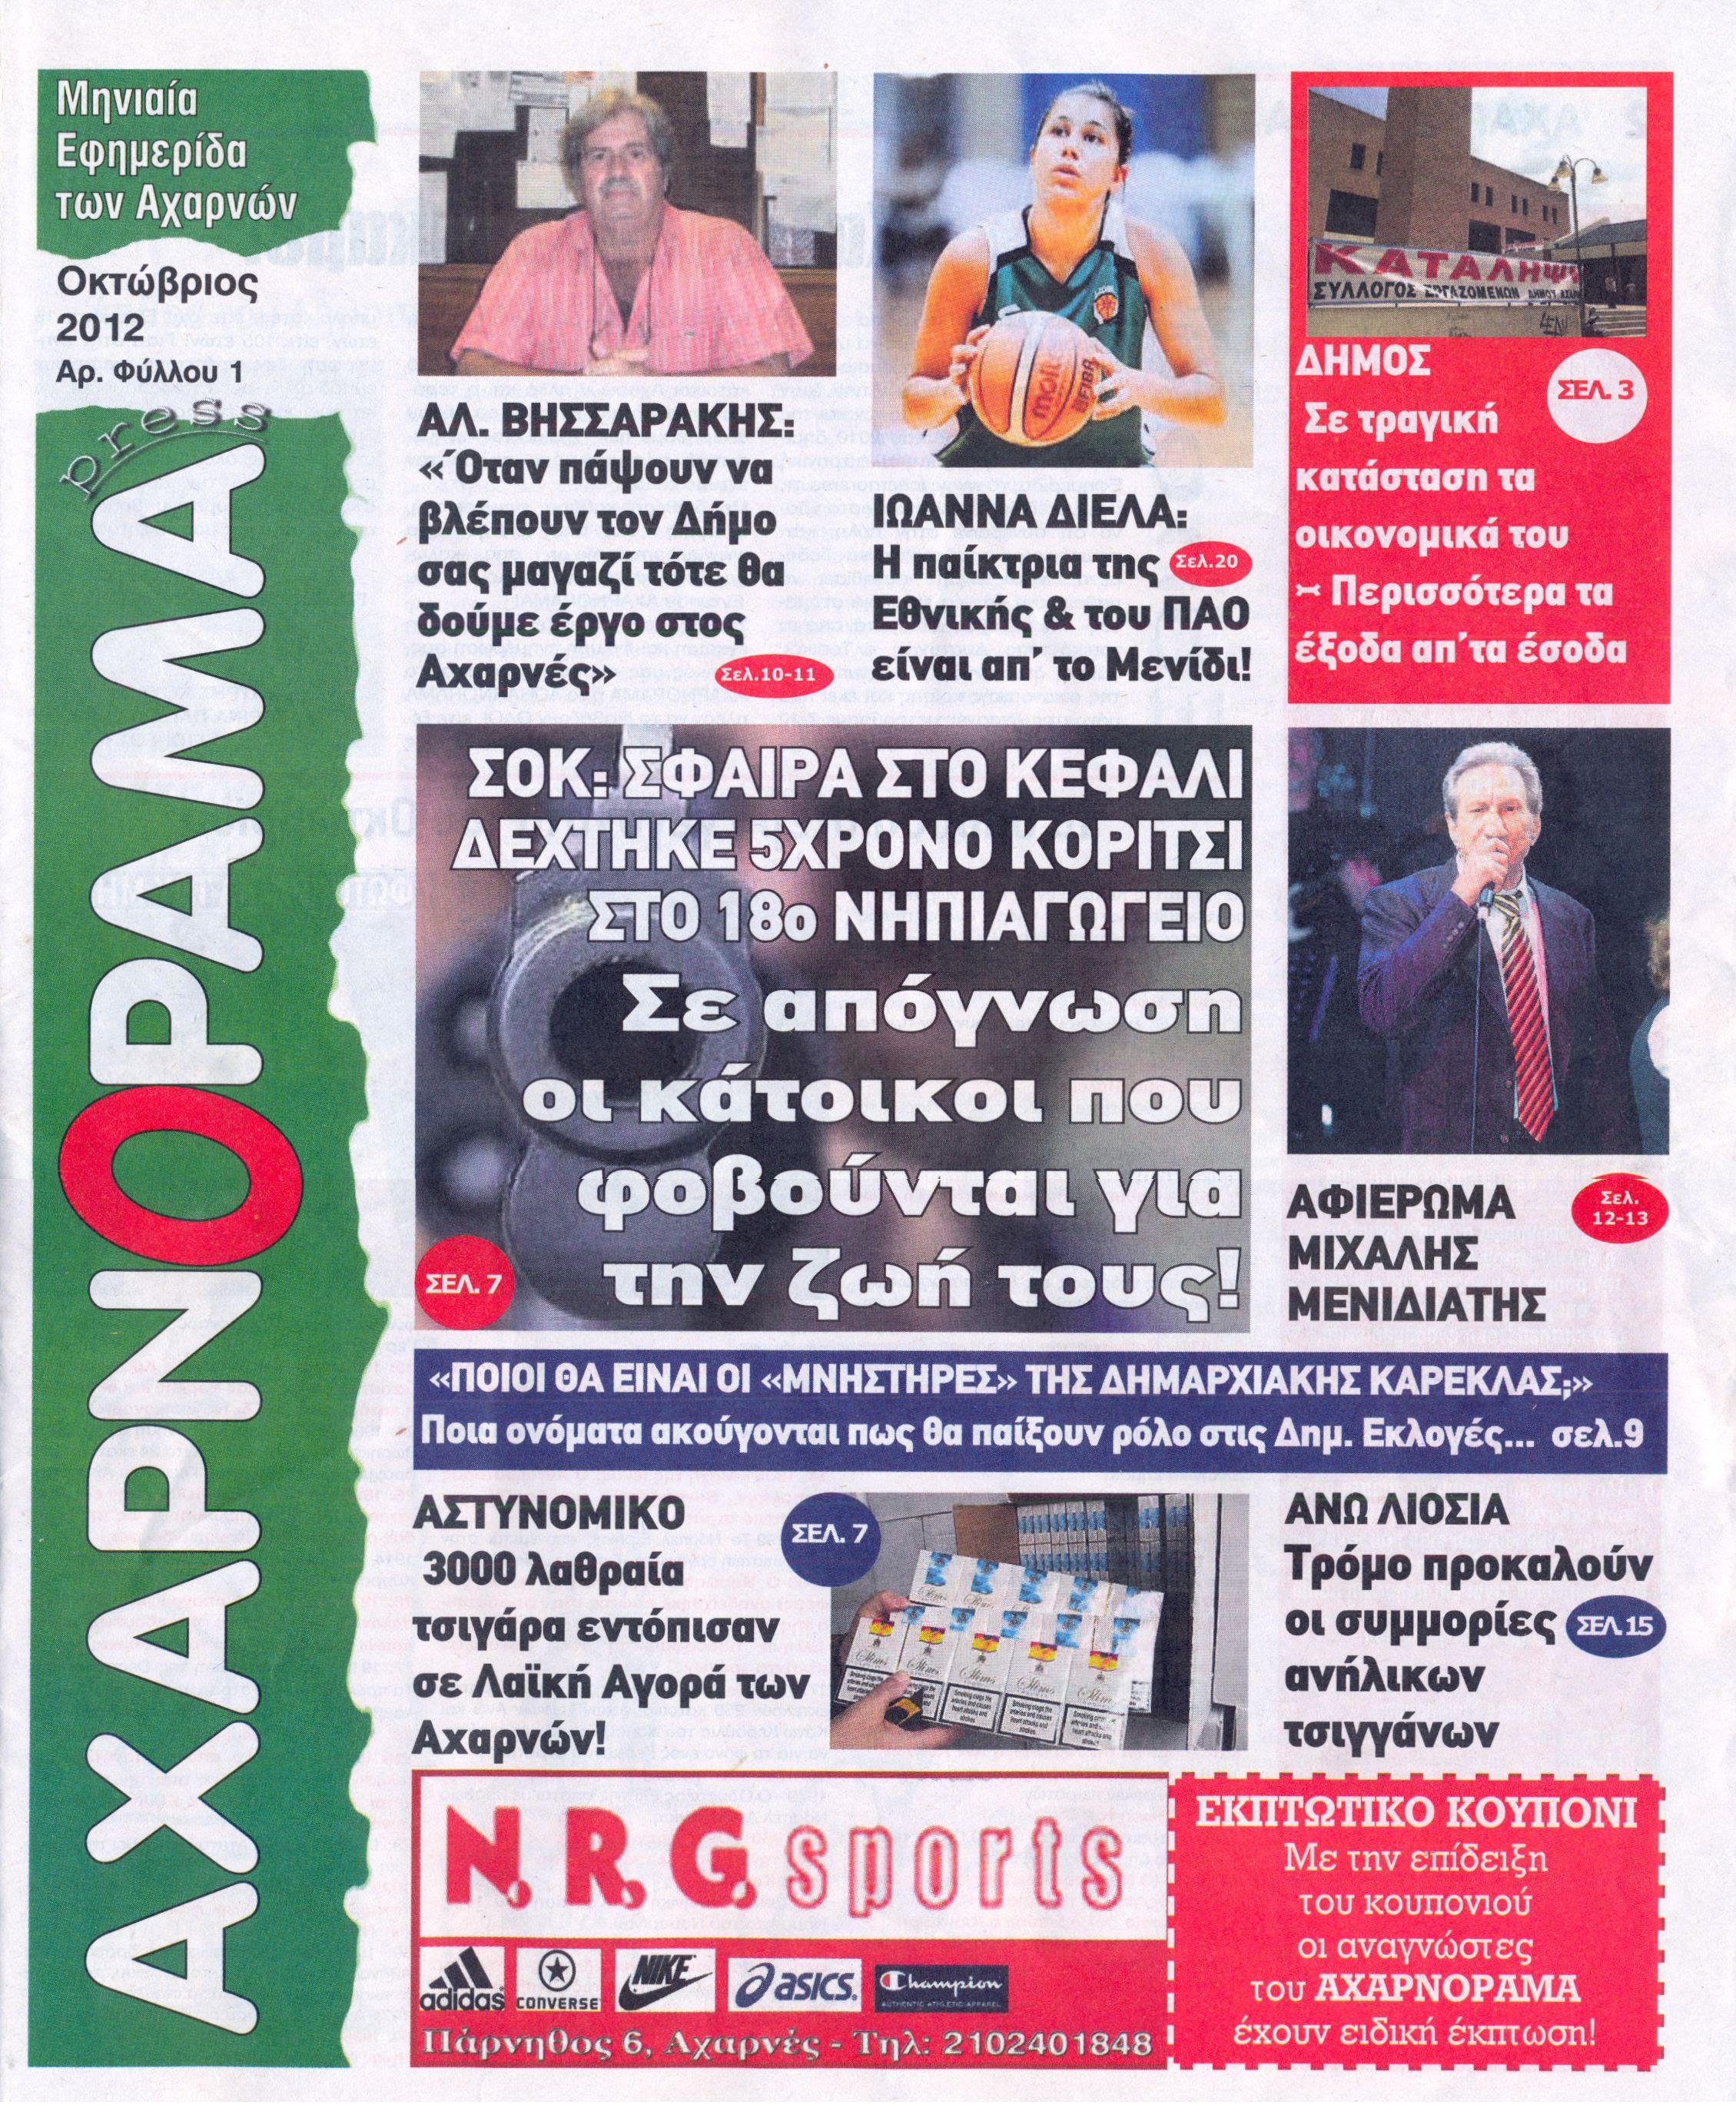 Νέα μηνιαία εφημερίδα σε Αχαρνές-Φυλή